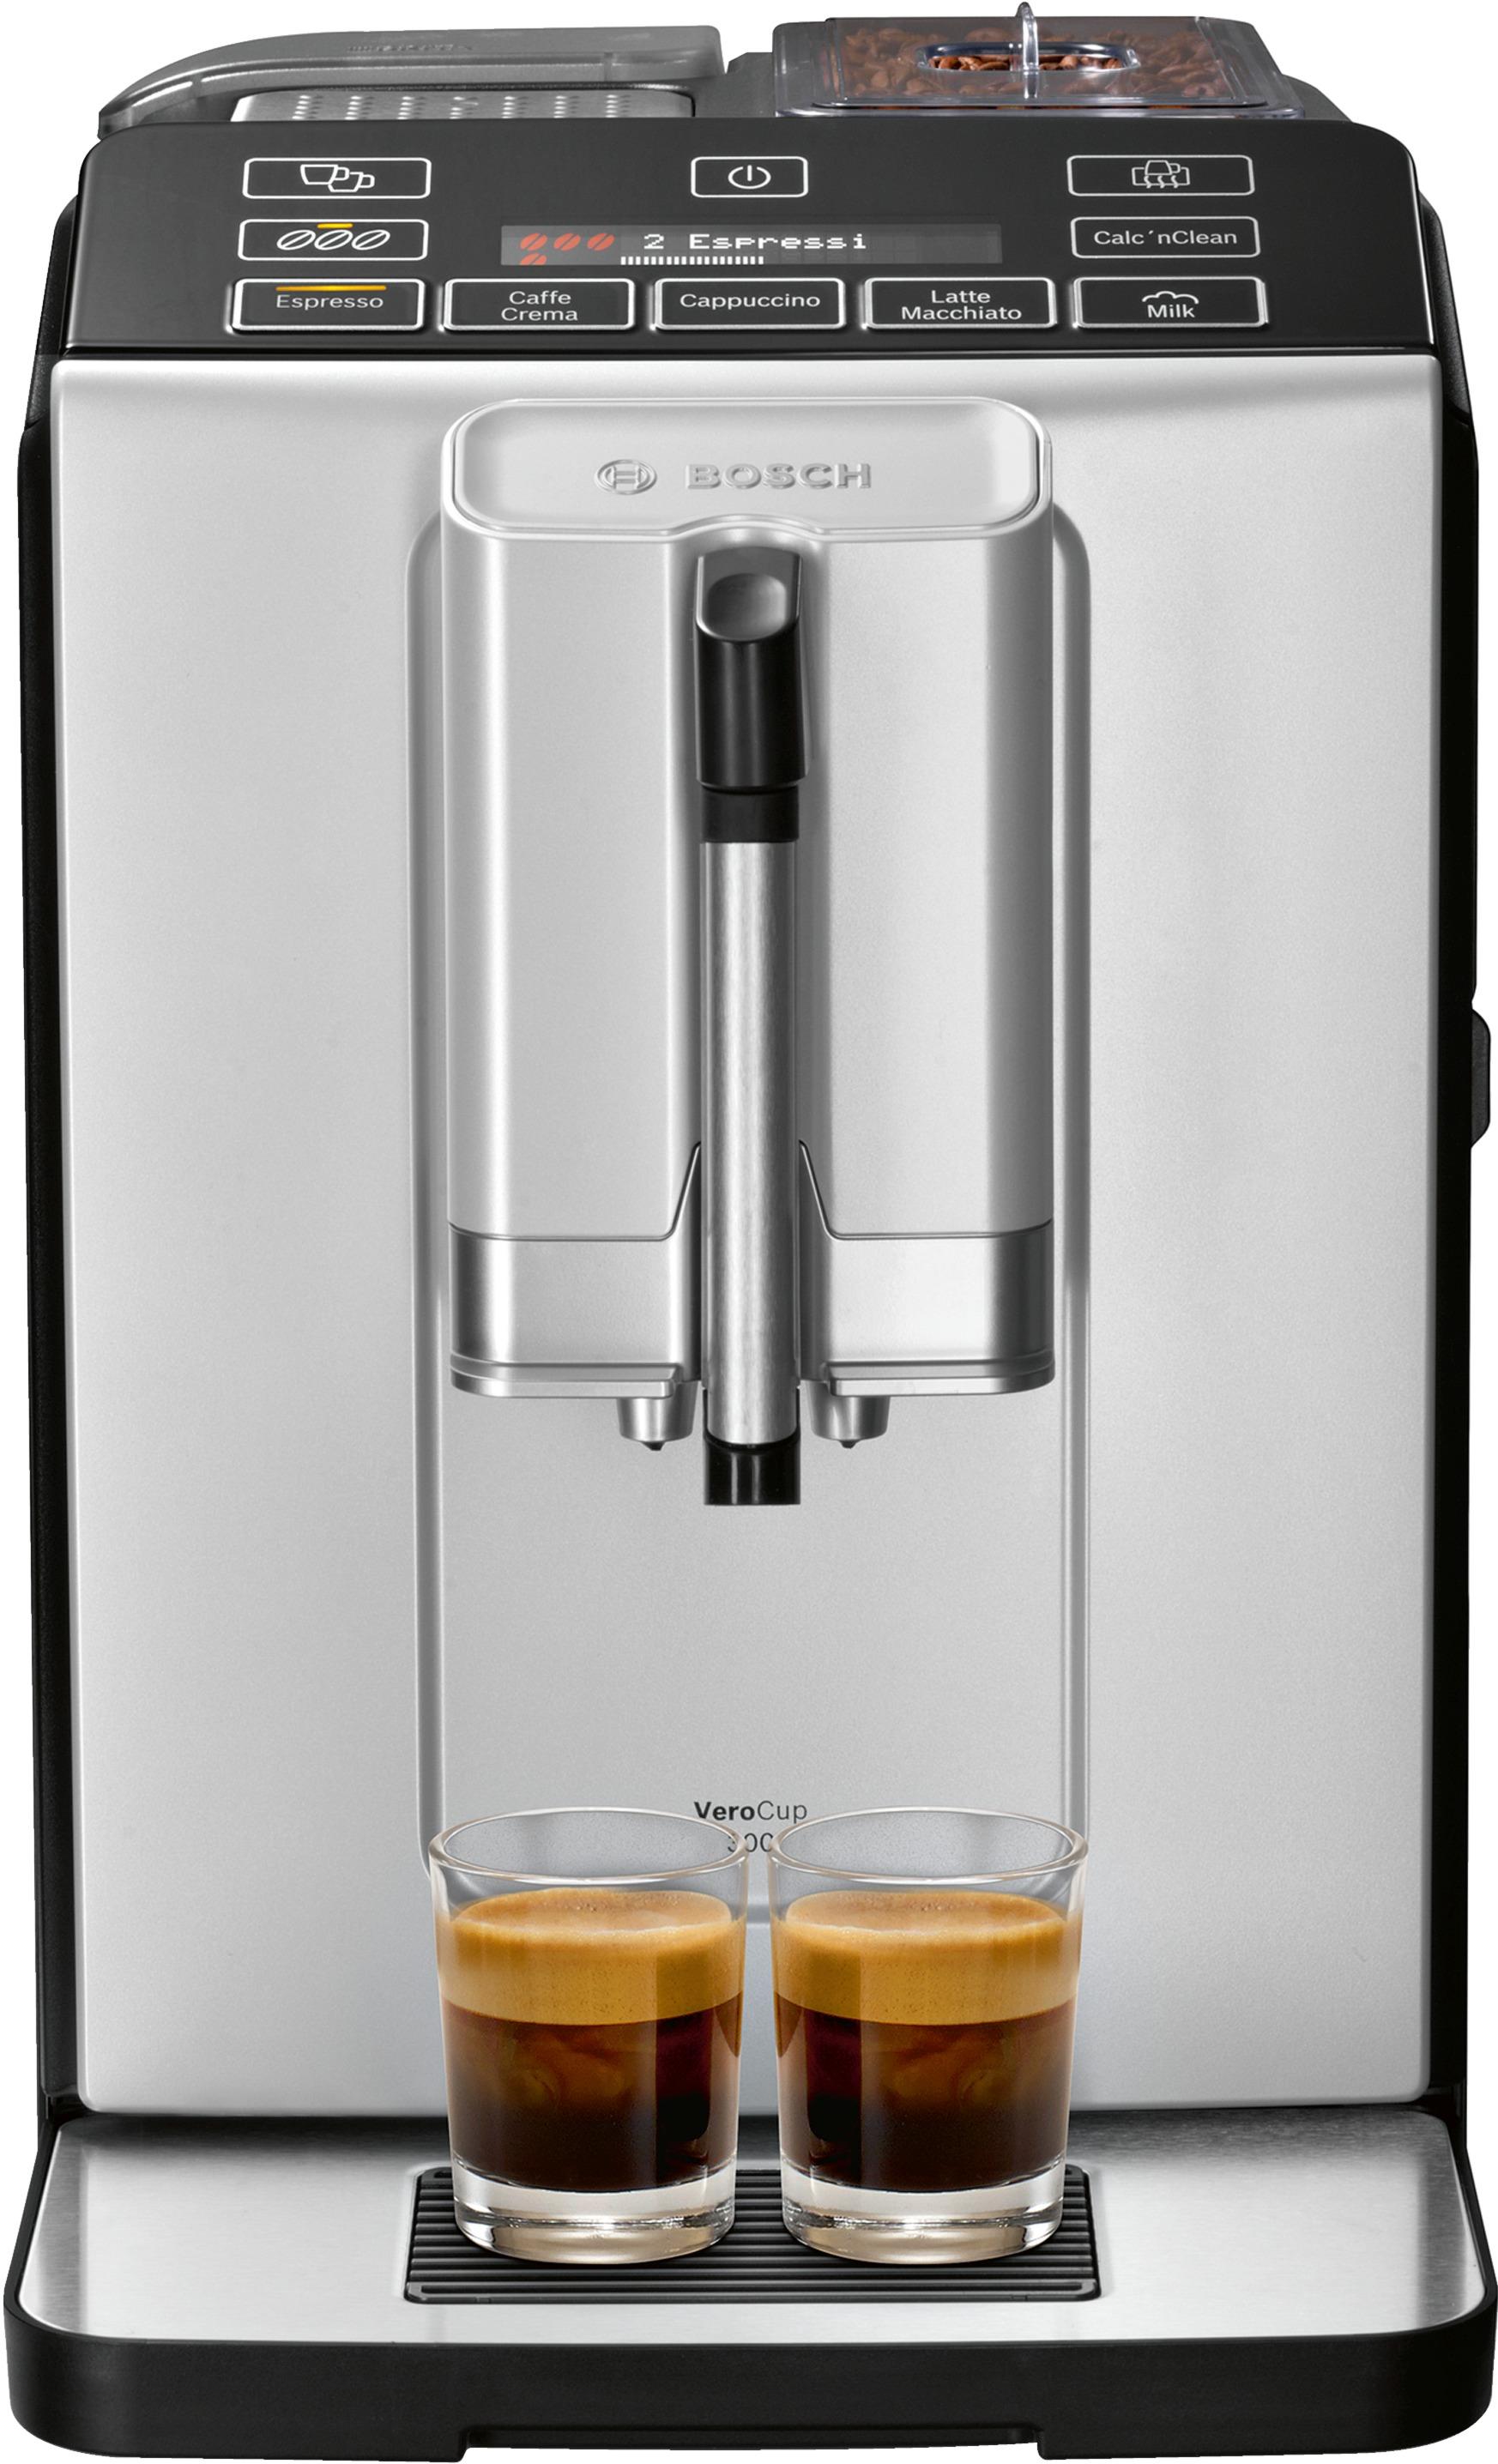 bosch kaffeevollautomat verocup tis30351de. Black Bedroom Furniture Sets. Home Design Ideas